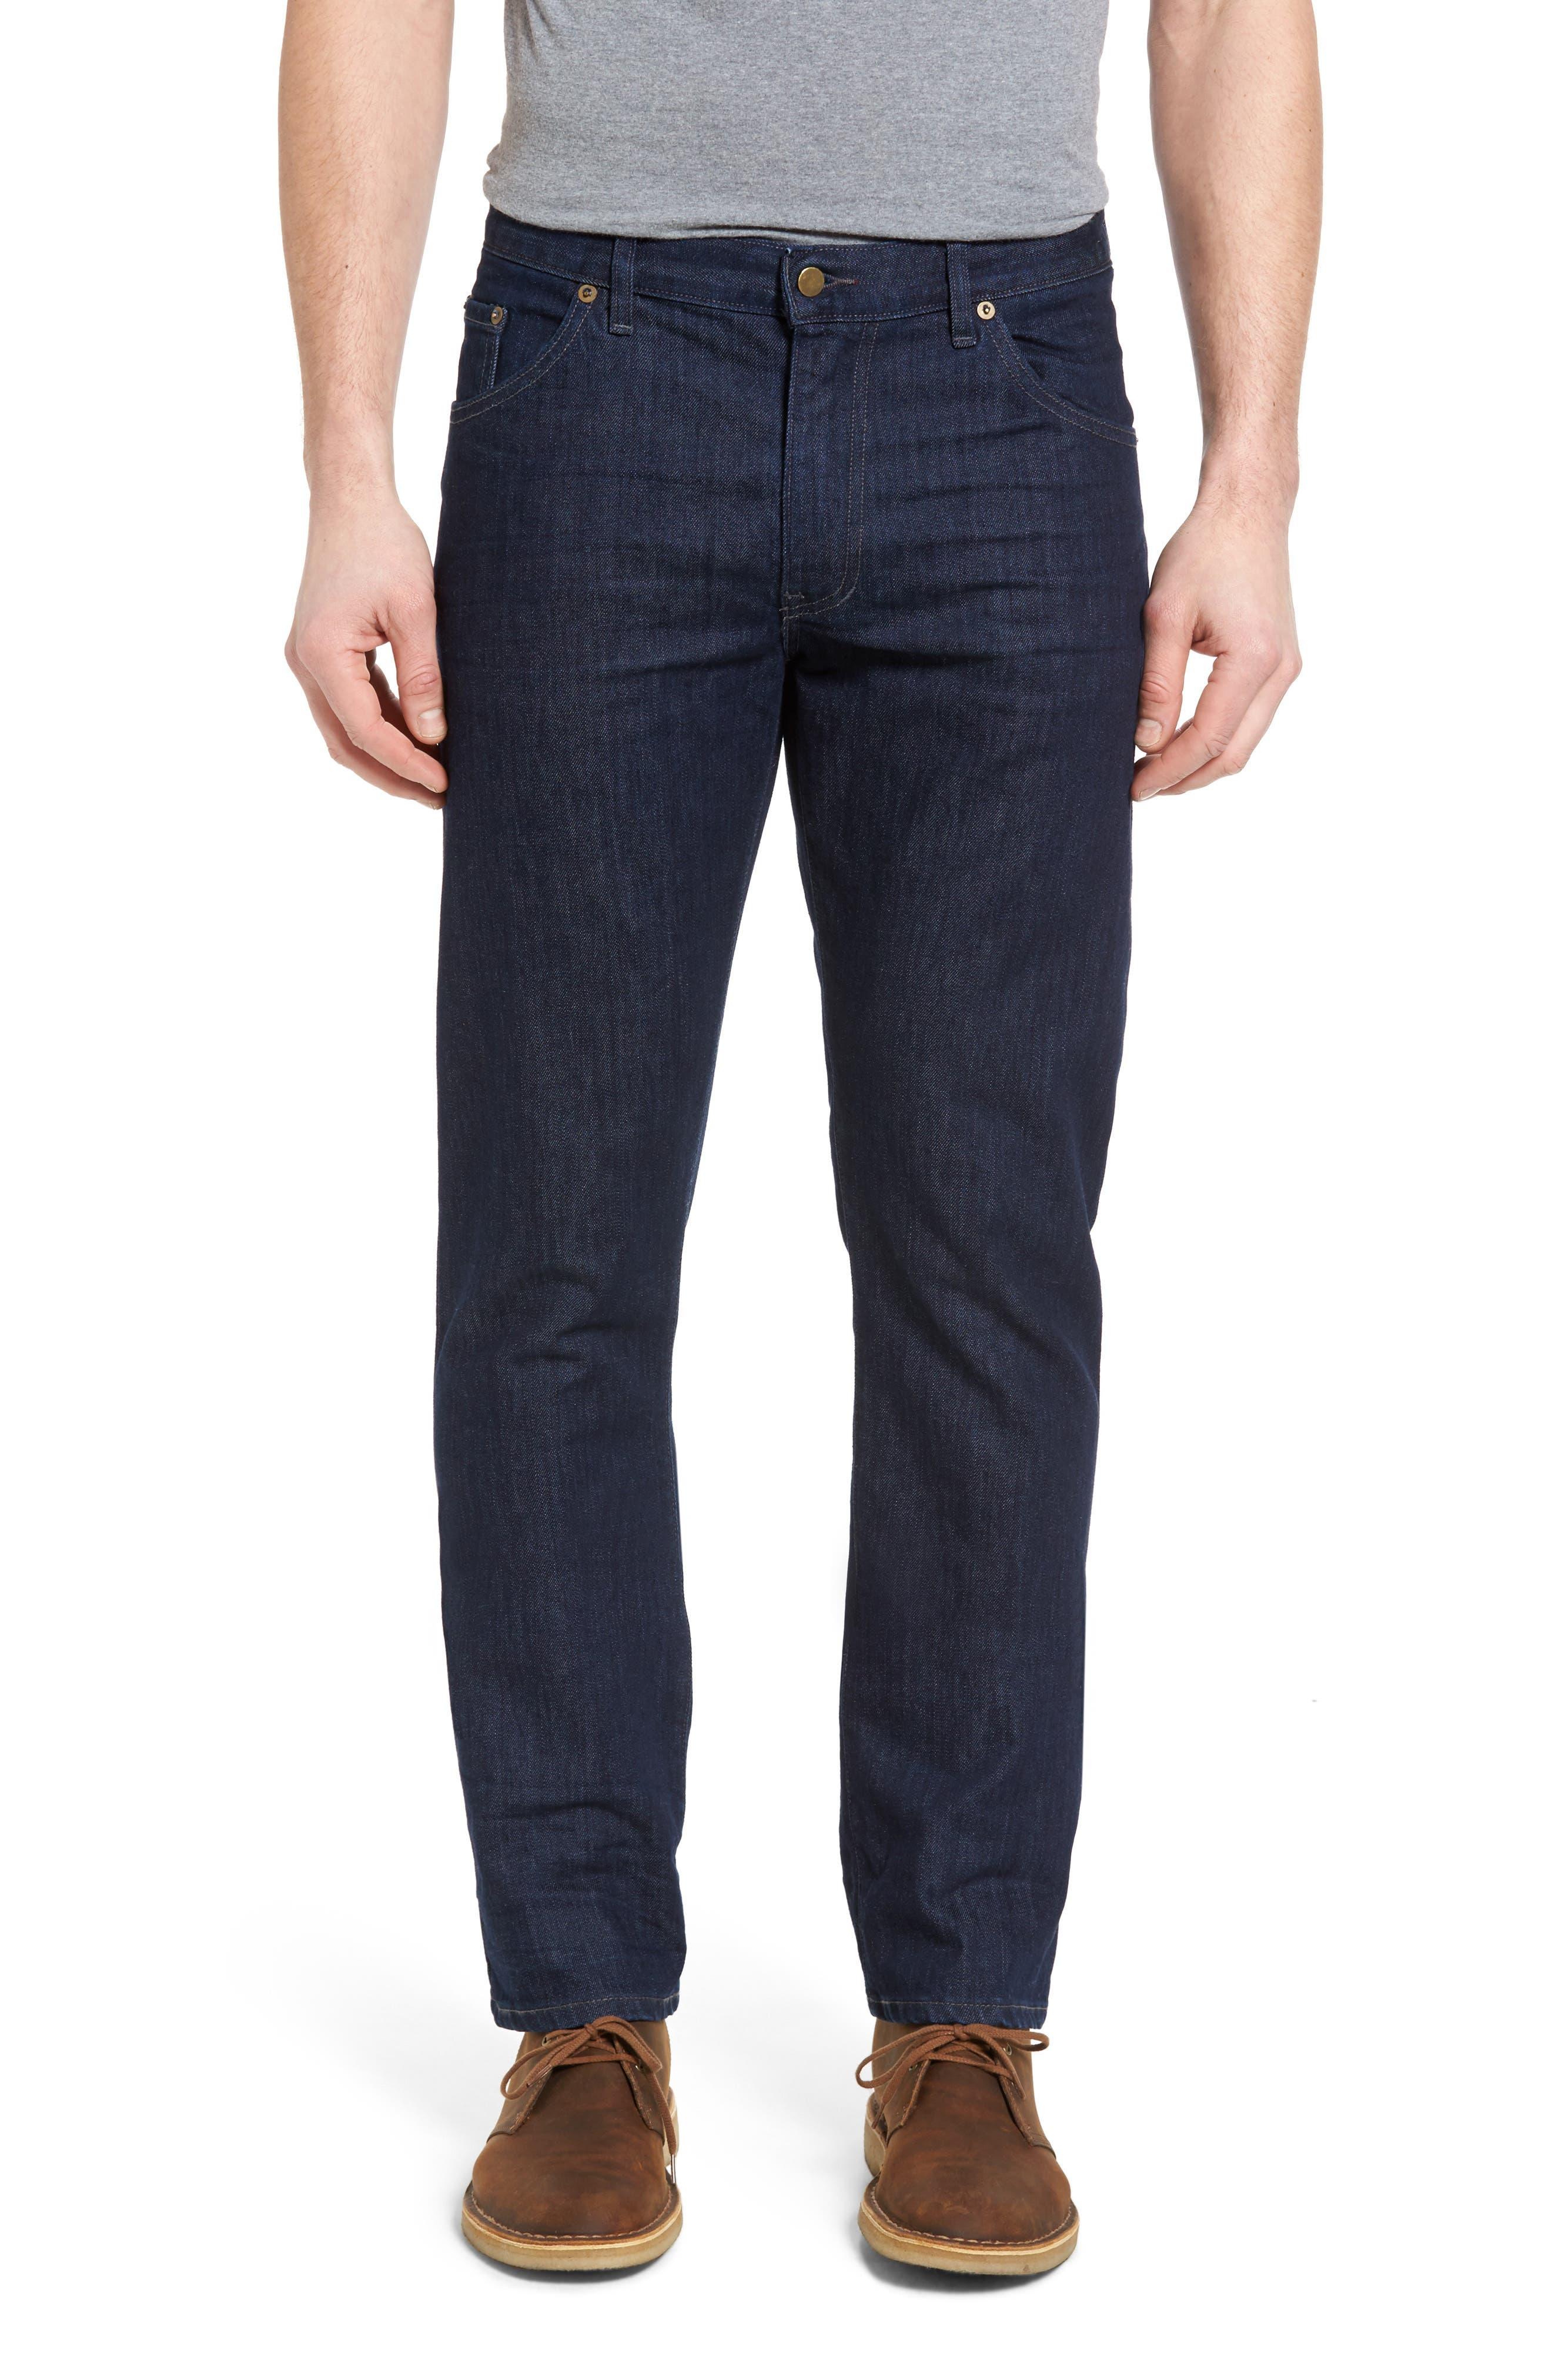 Jones Slim Fit Jeans,                         Main,                         color, Blue